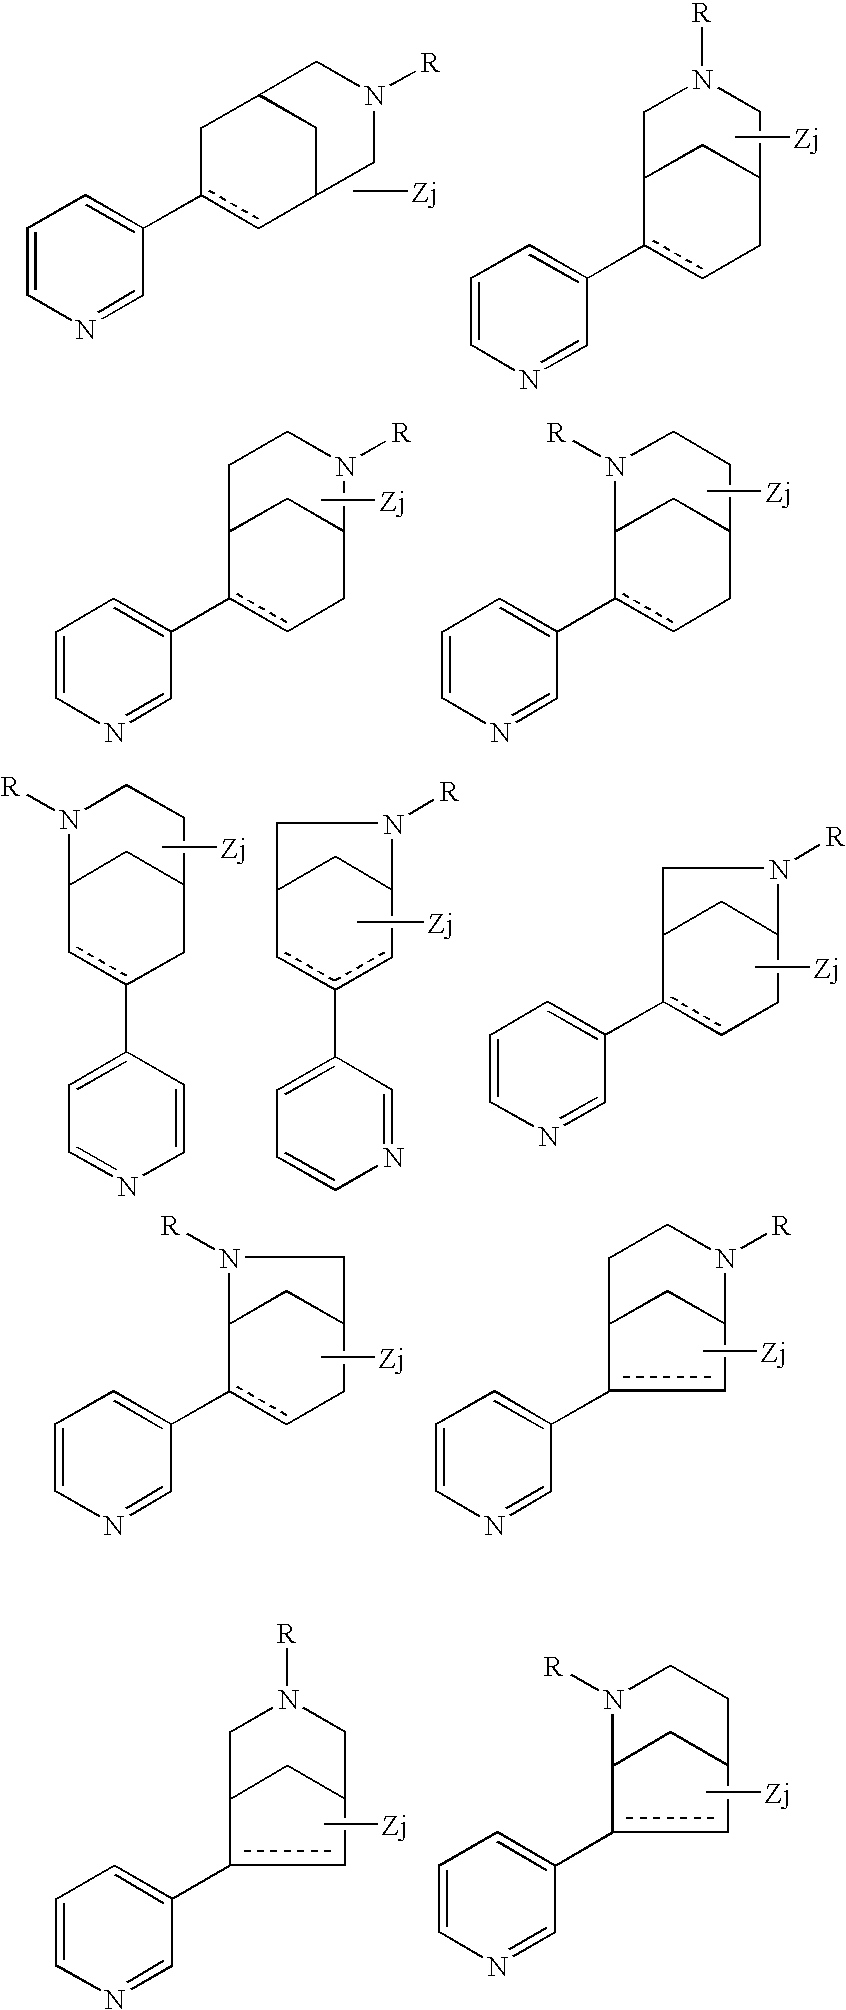 Figure US20080242693A1-20081002-C00005